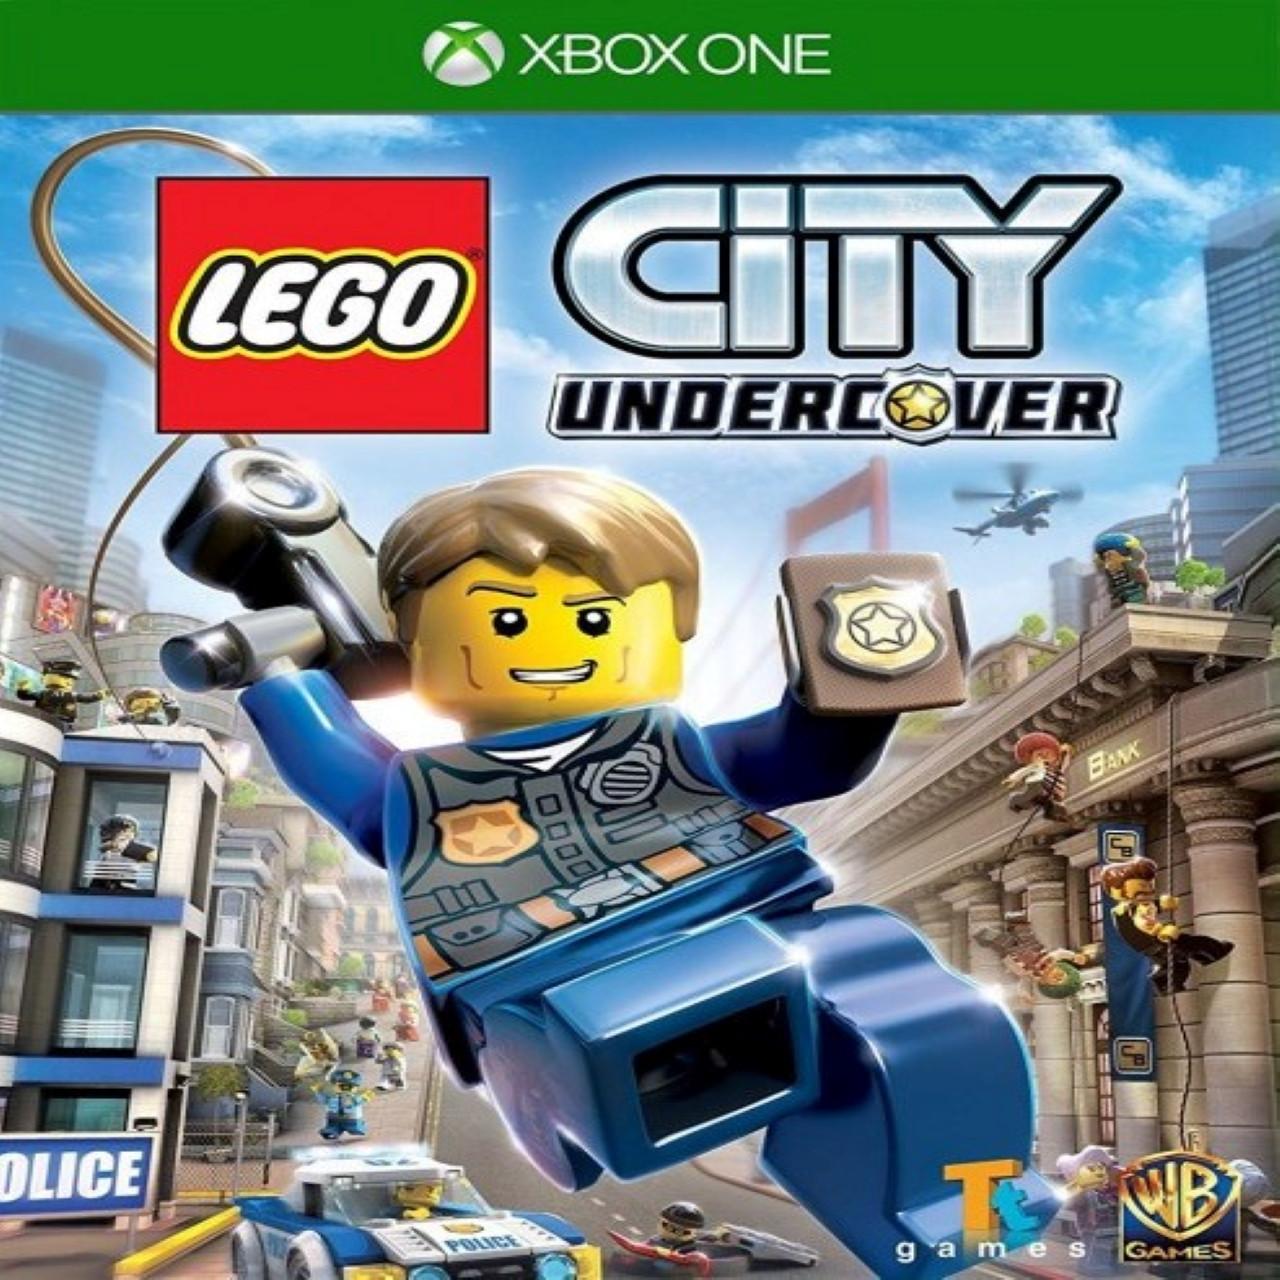 LEGO City Undercover RUS XBOX ONE